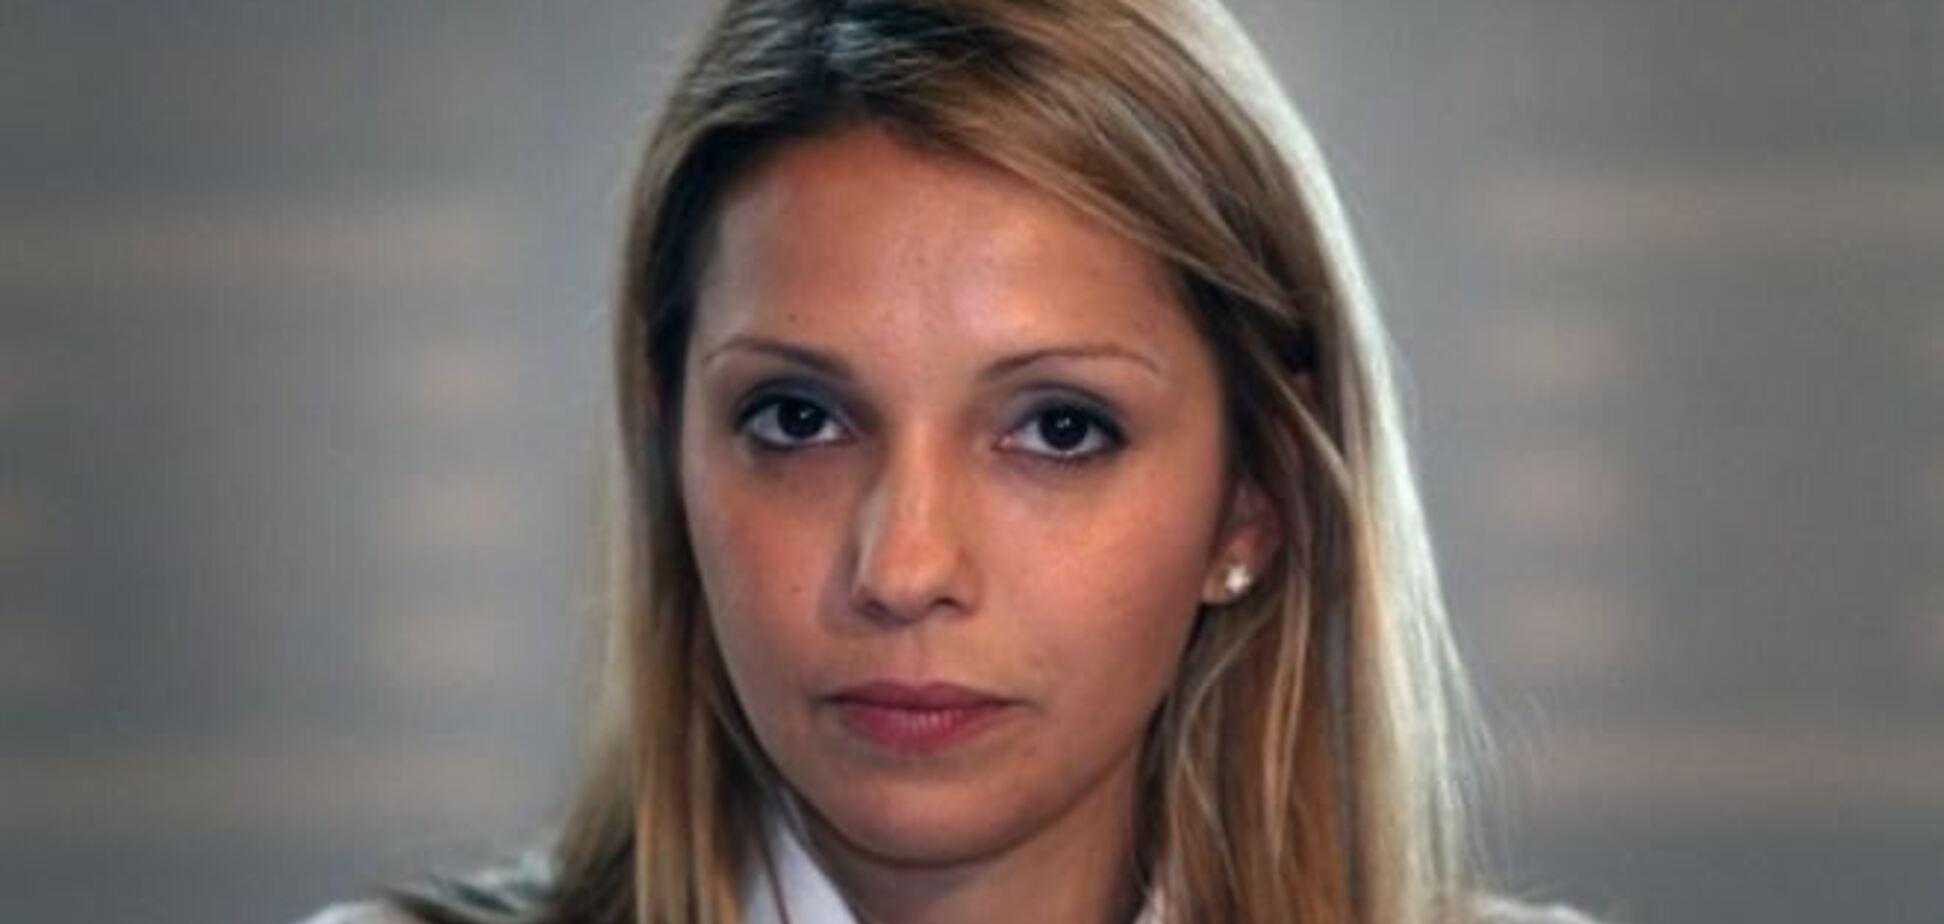 Євгенія Тимошенко назвала дату відправки матері на лікування за кордон